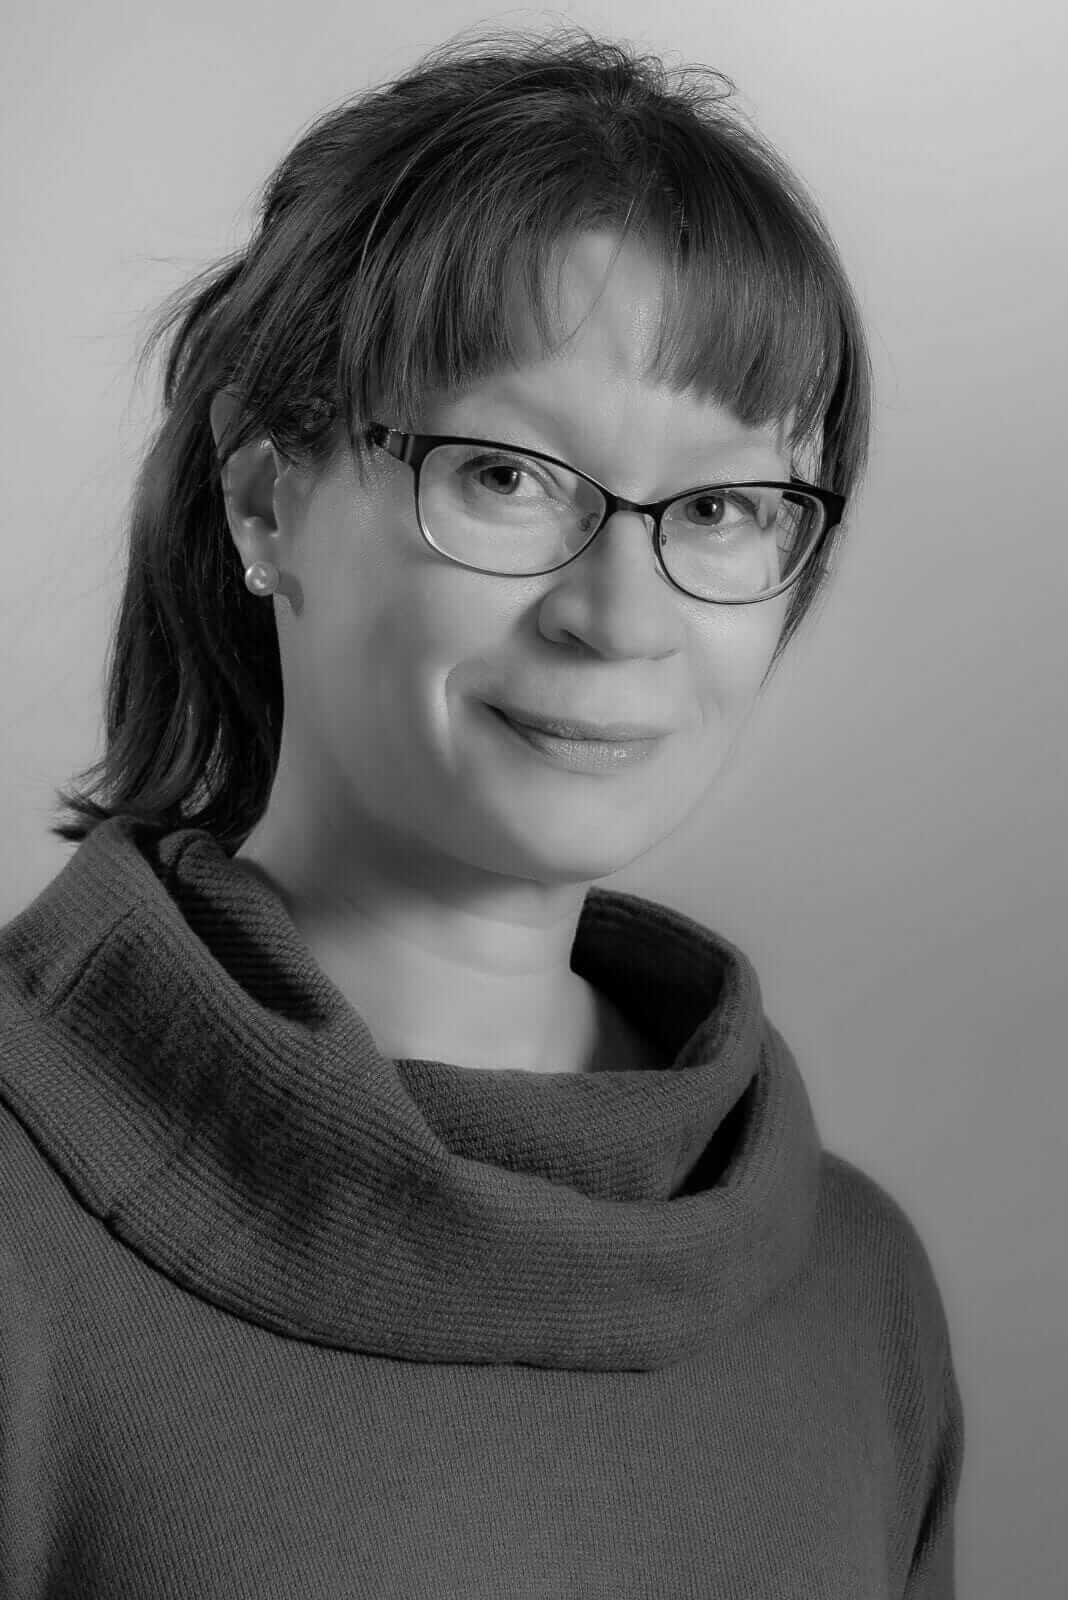 Miia Nurkkala